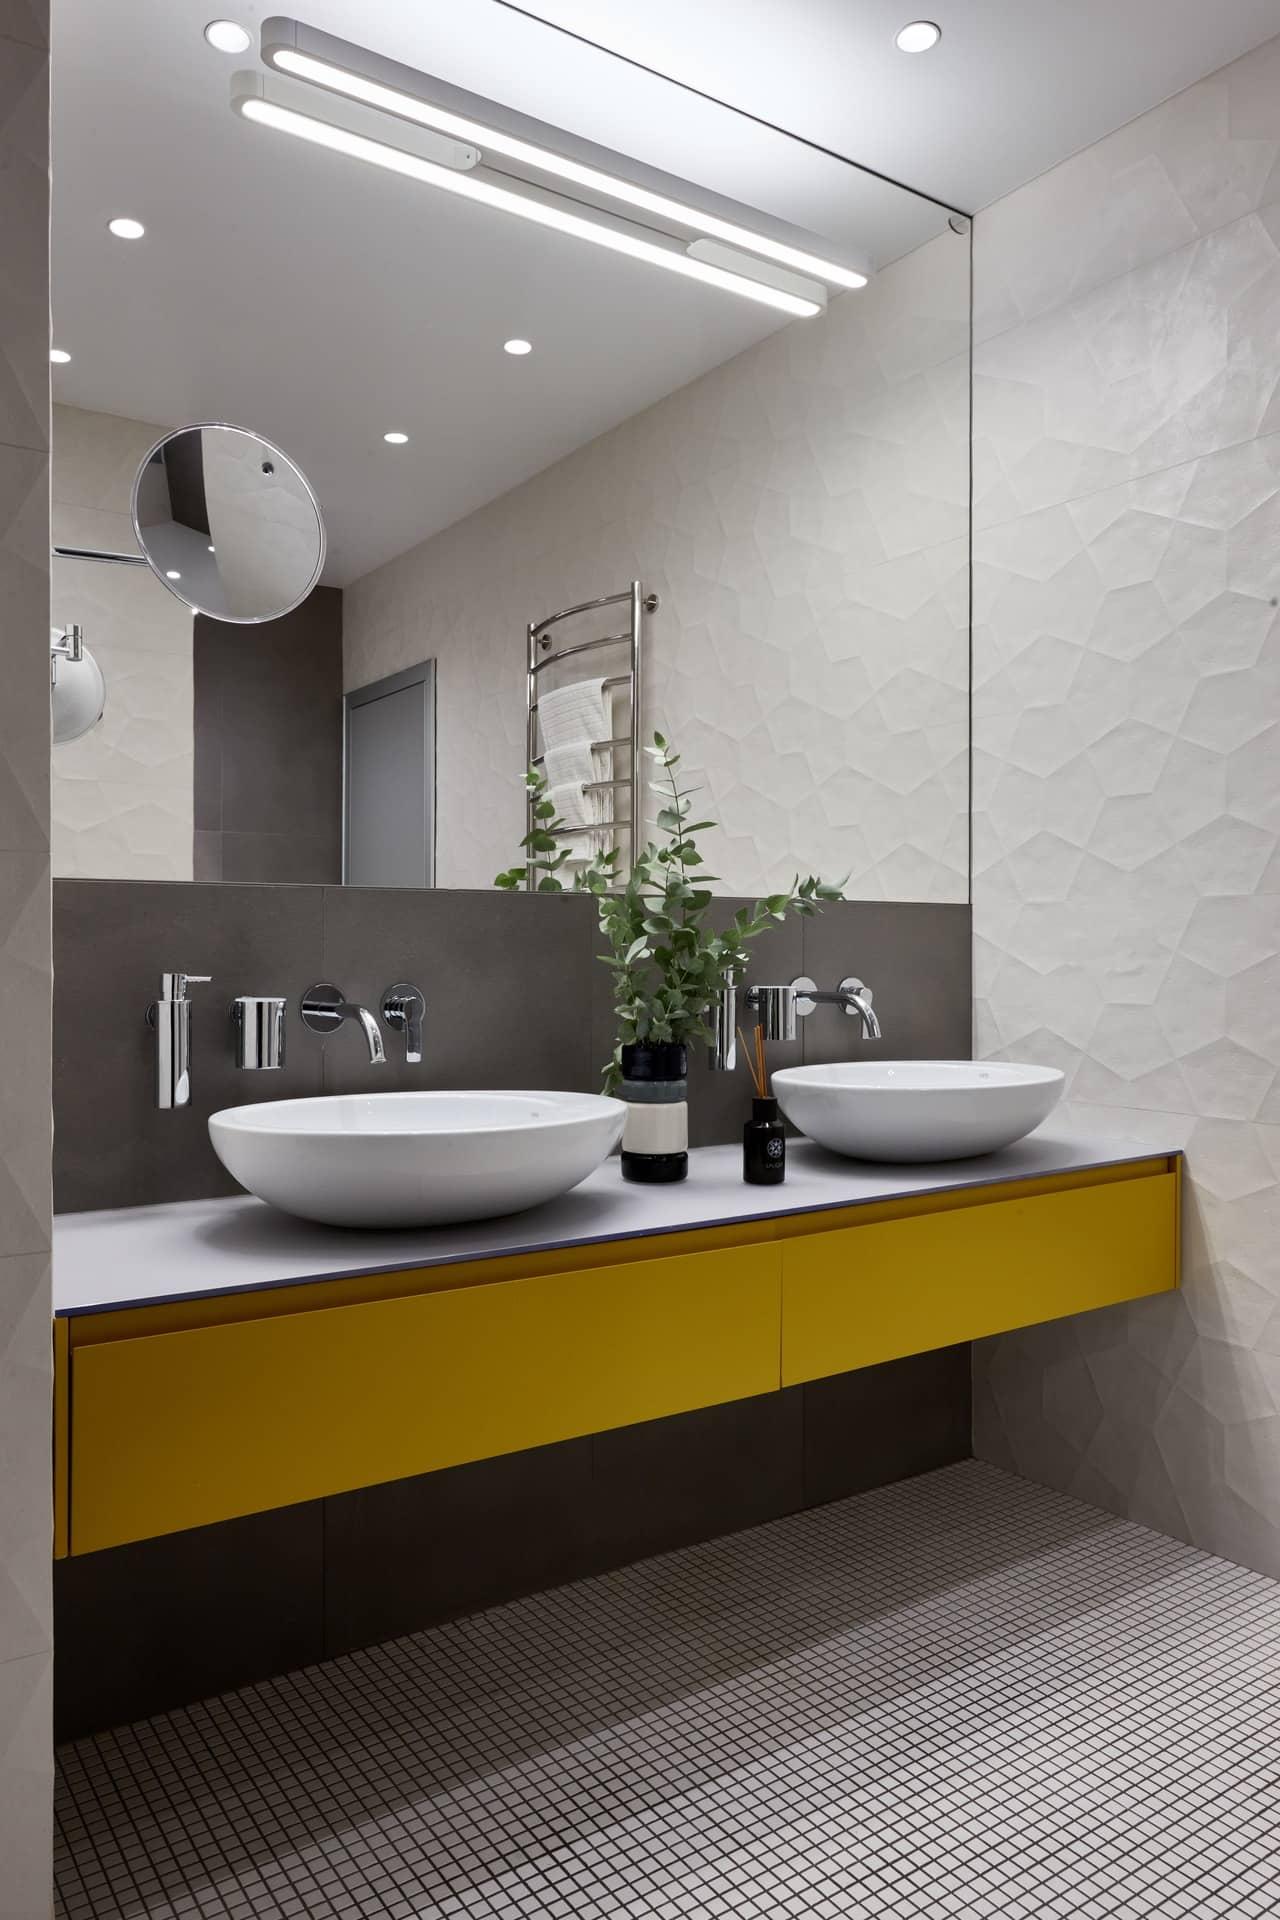 Современный интерьер ванной комнаты с мозаикой